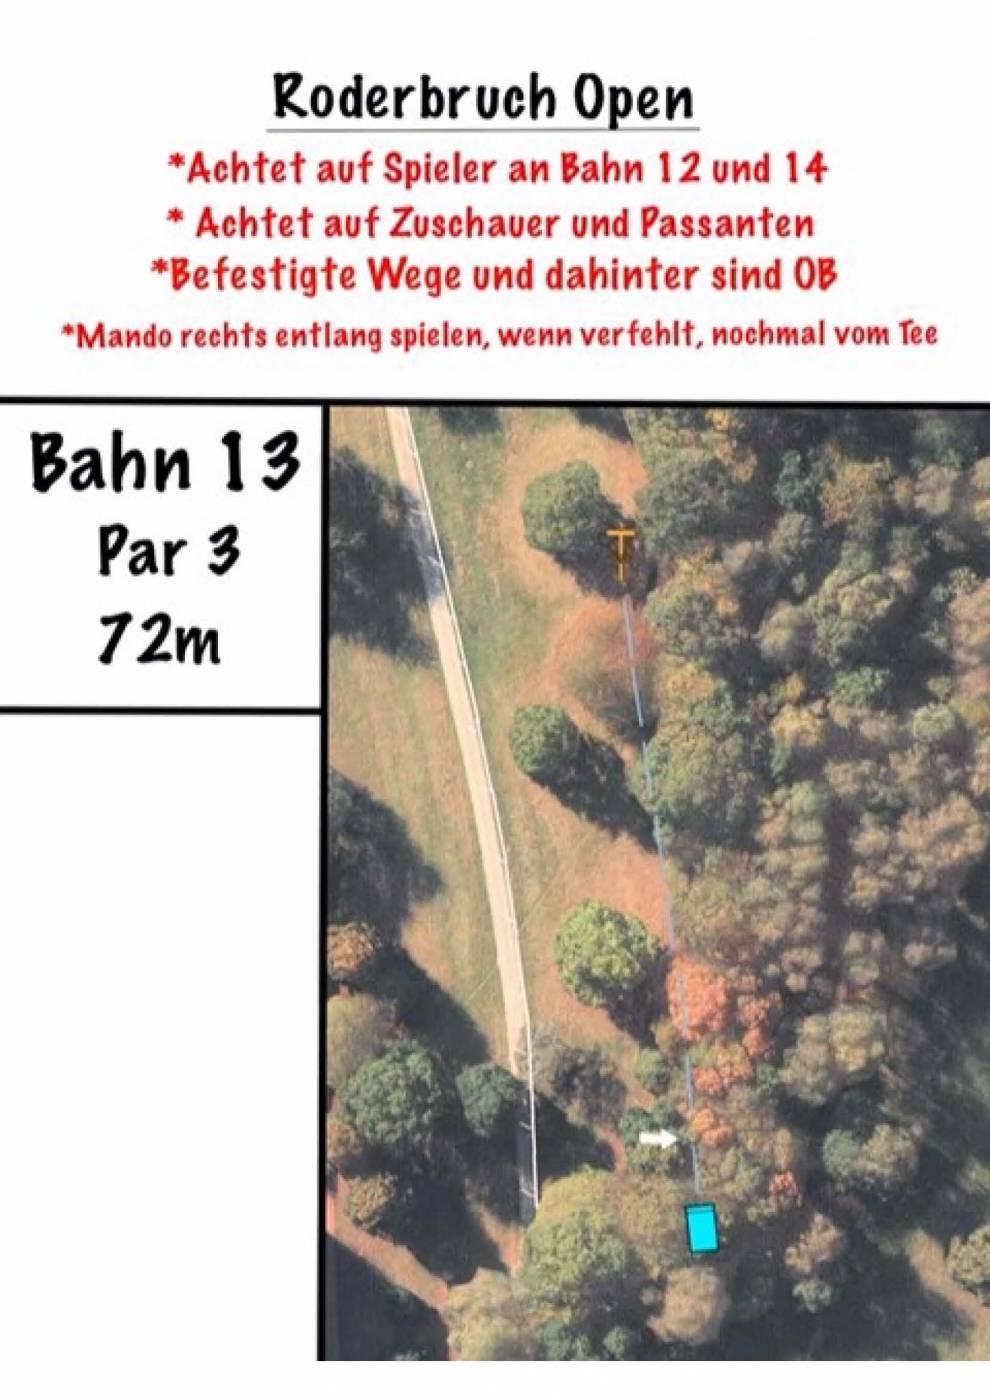 RBO 2019 - Bahn 13